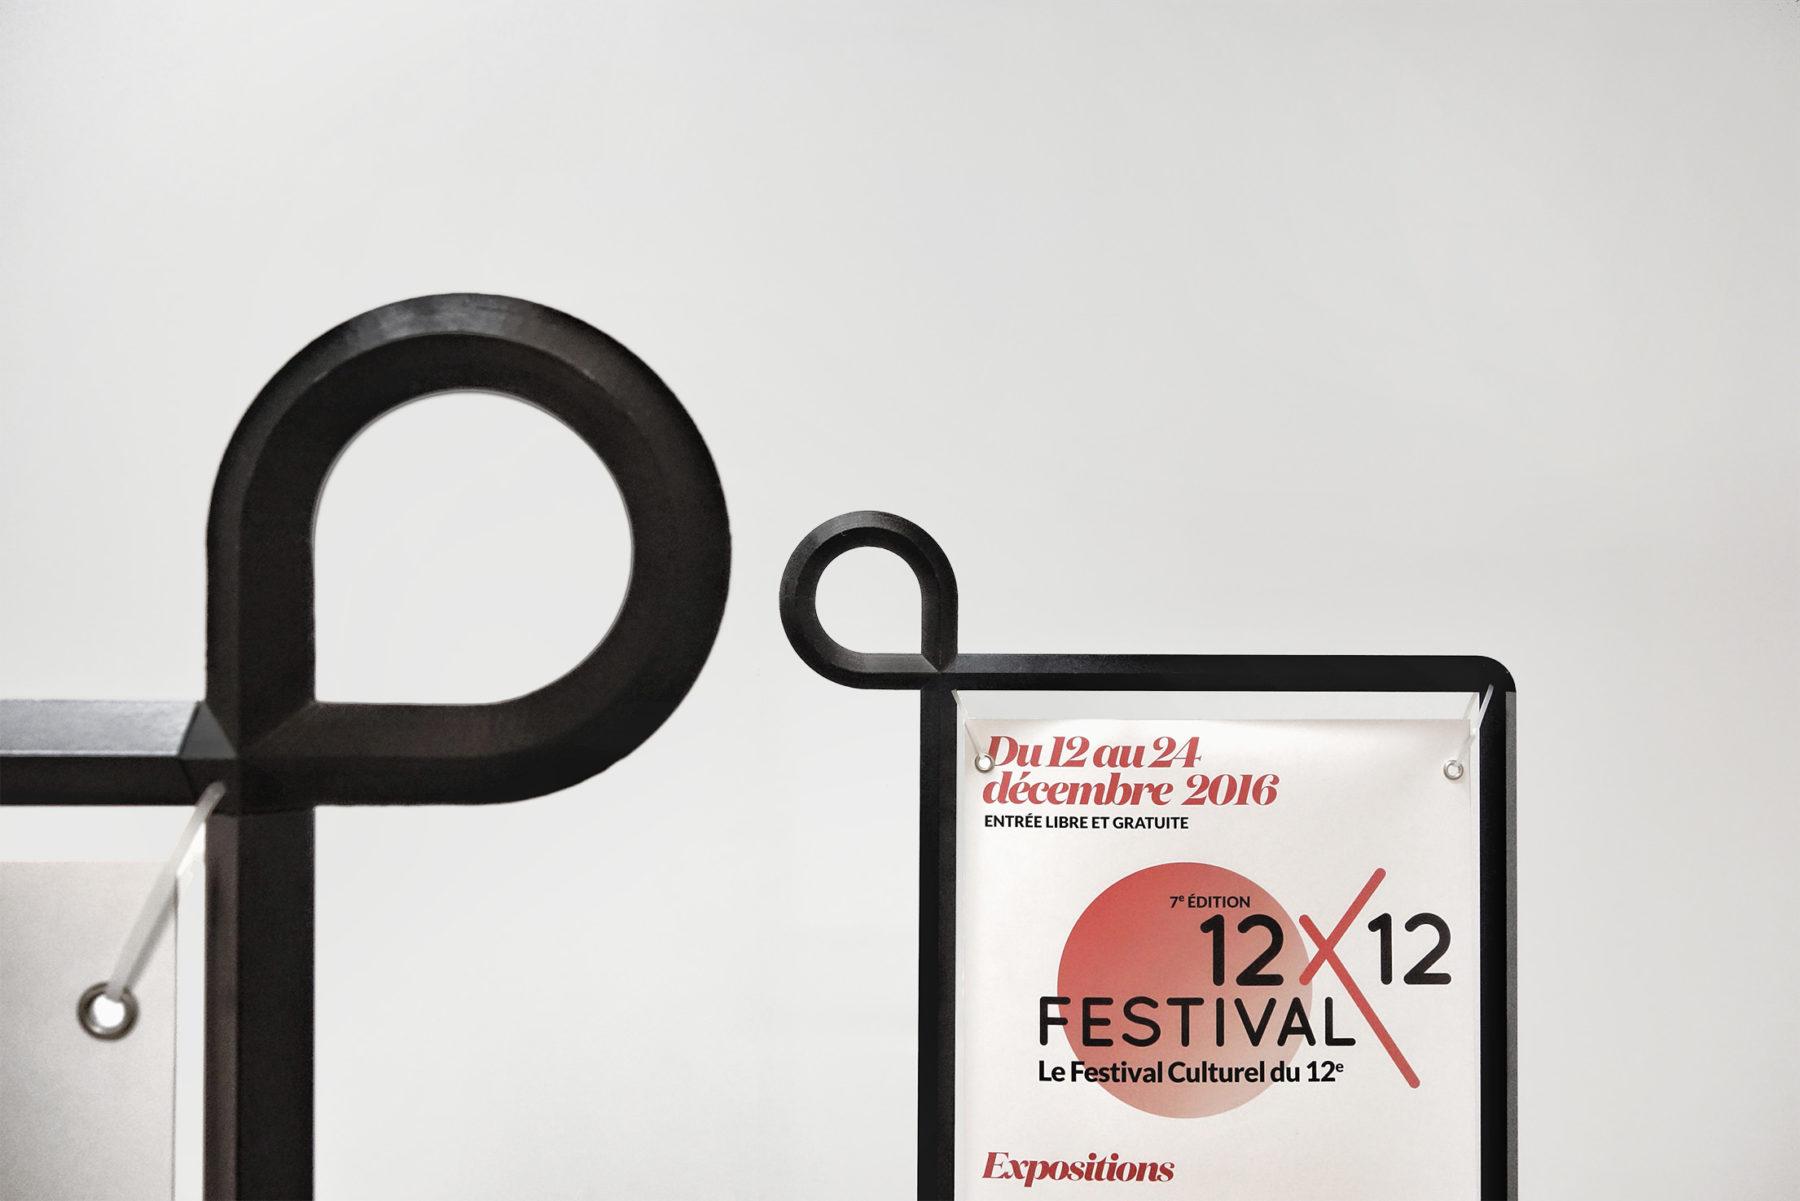 www.bold-design.fr - Kakemonos Festival 12x12 - Le 100 ECS - photo bold-design